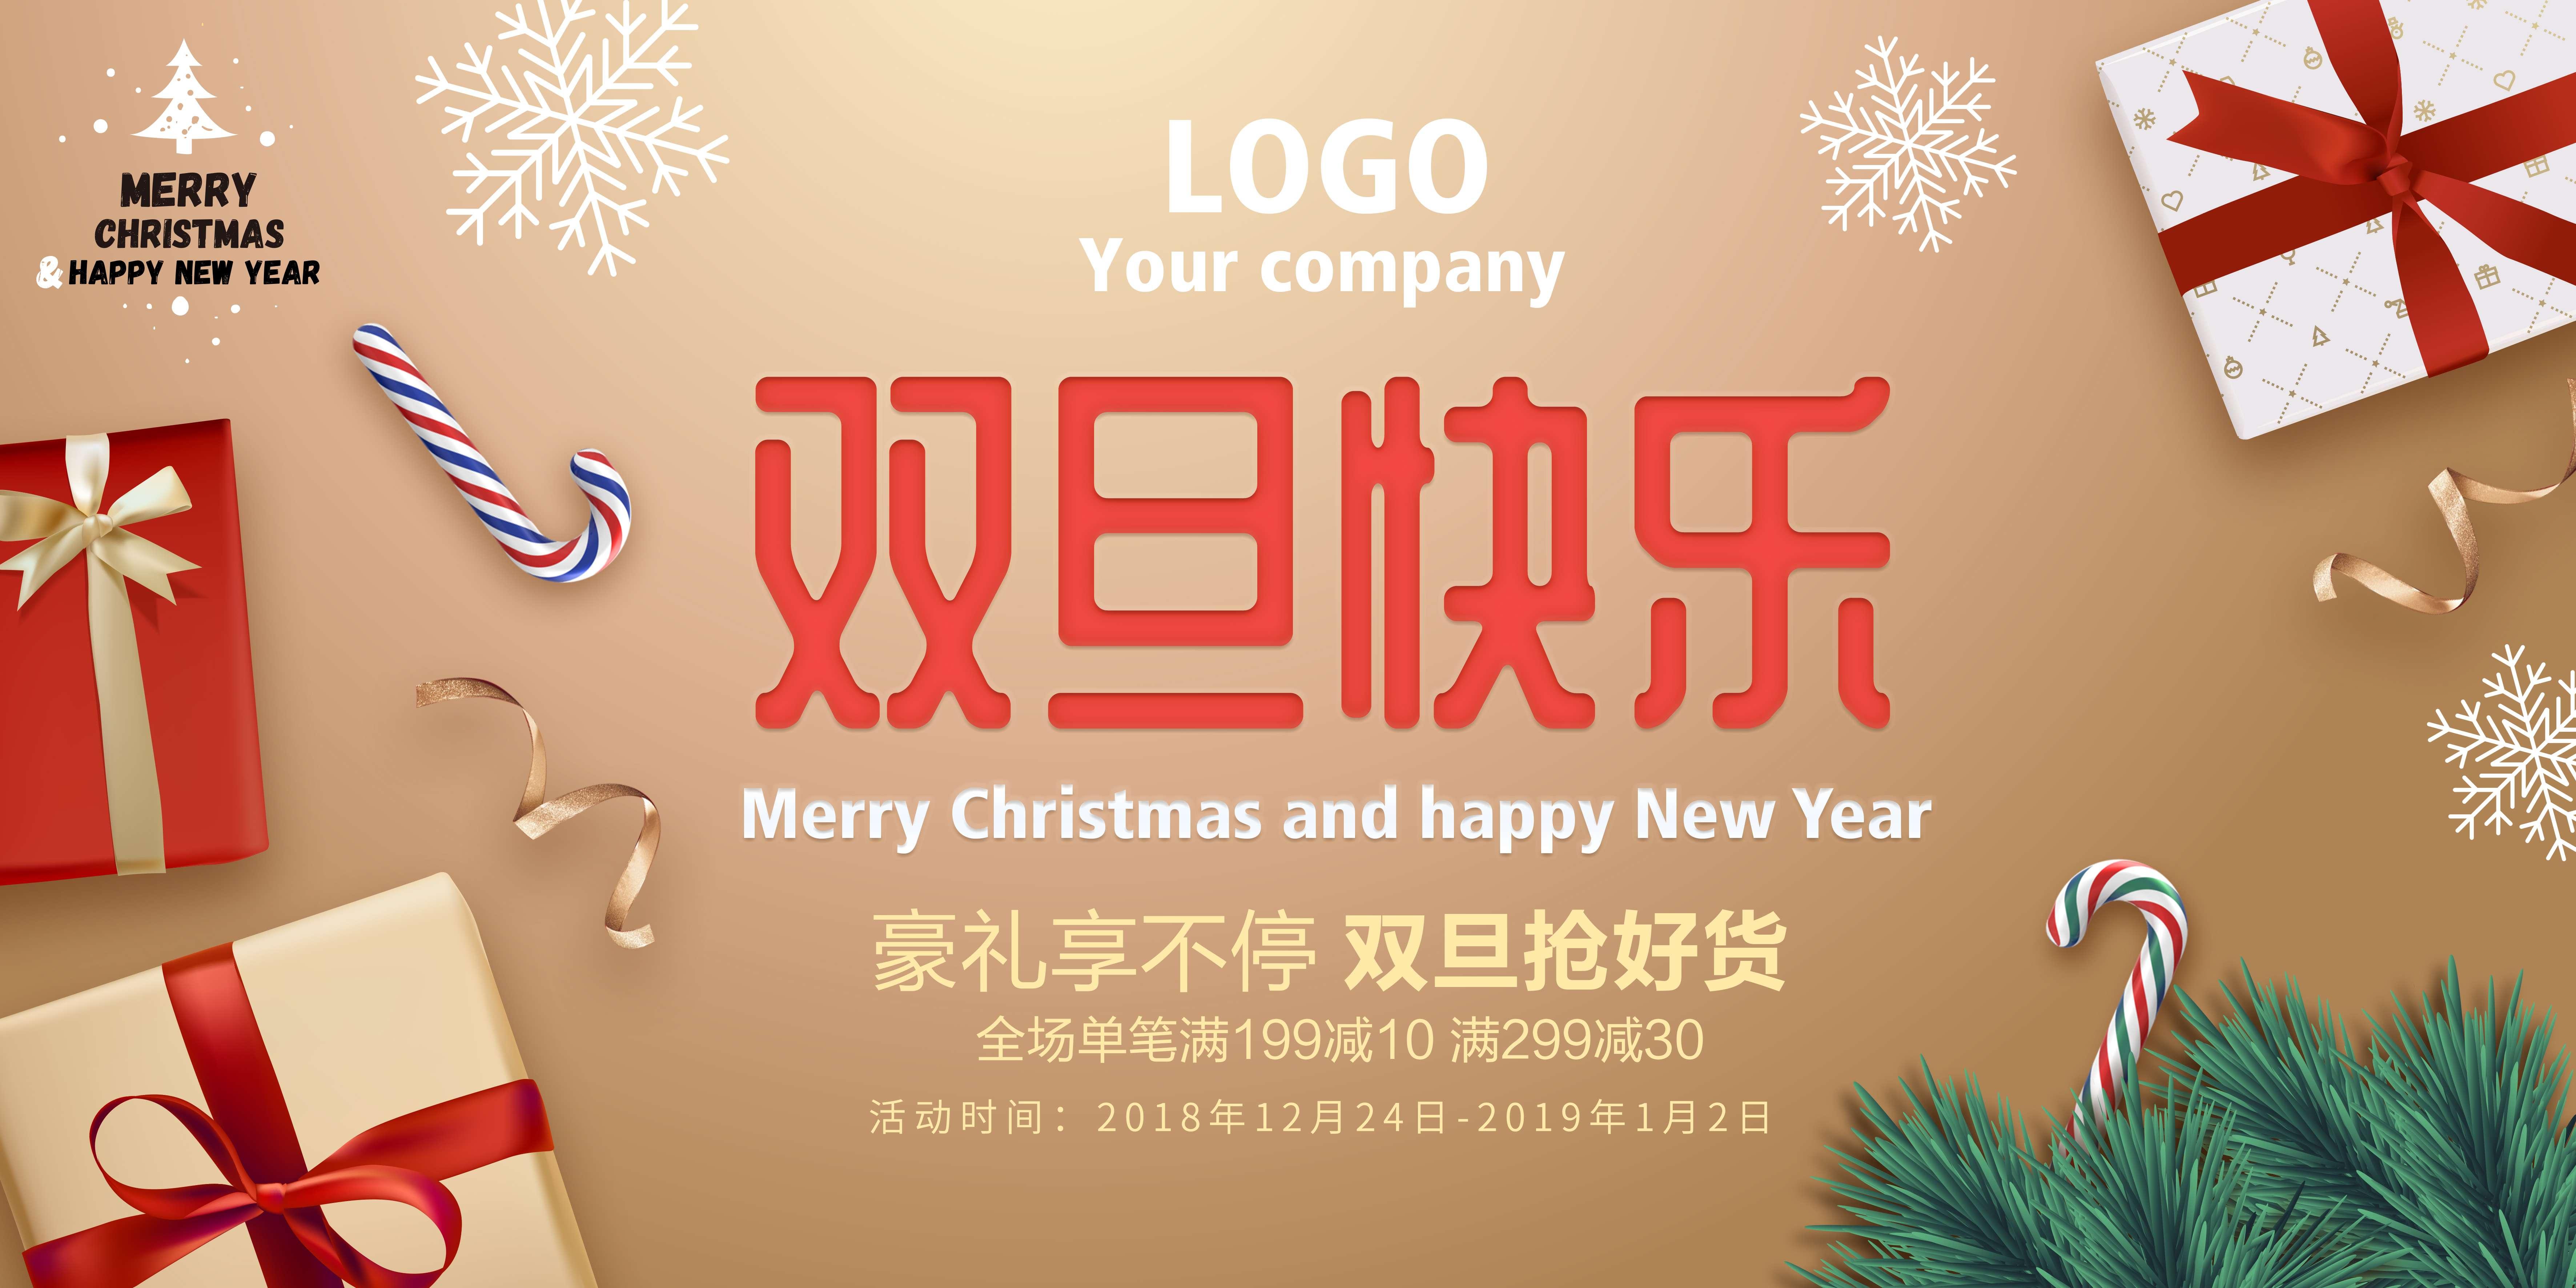 金色奢华双旦快乐促销展板圣诞元旦christmas